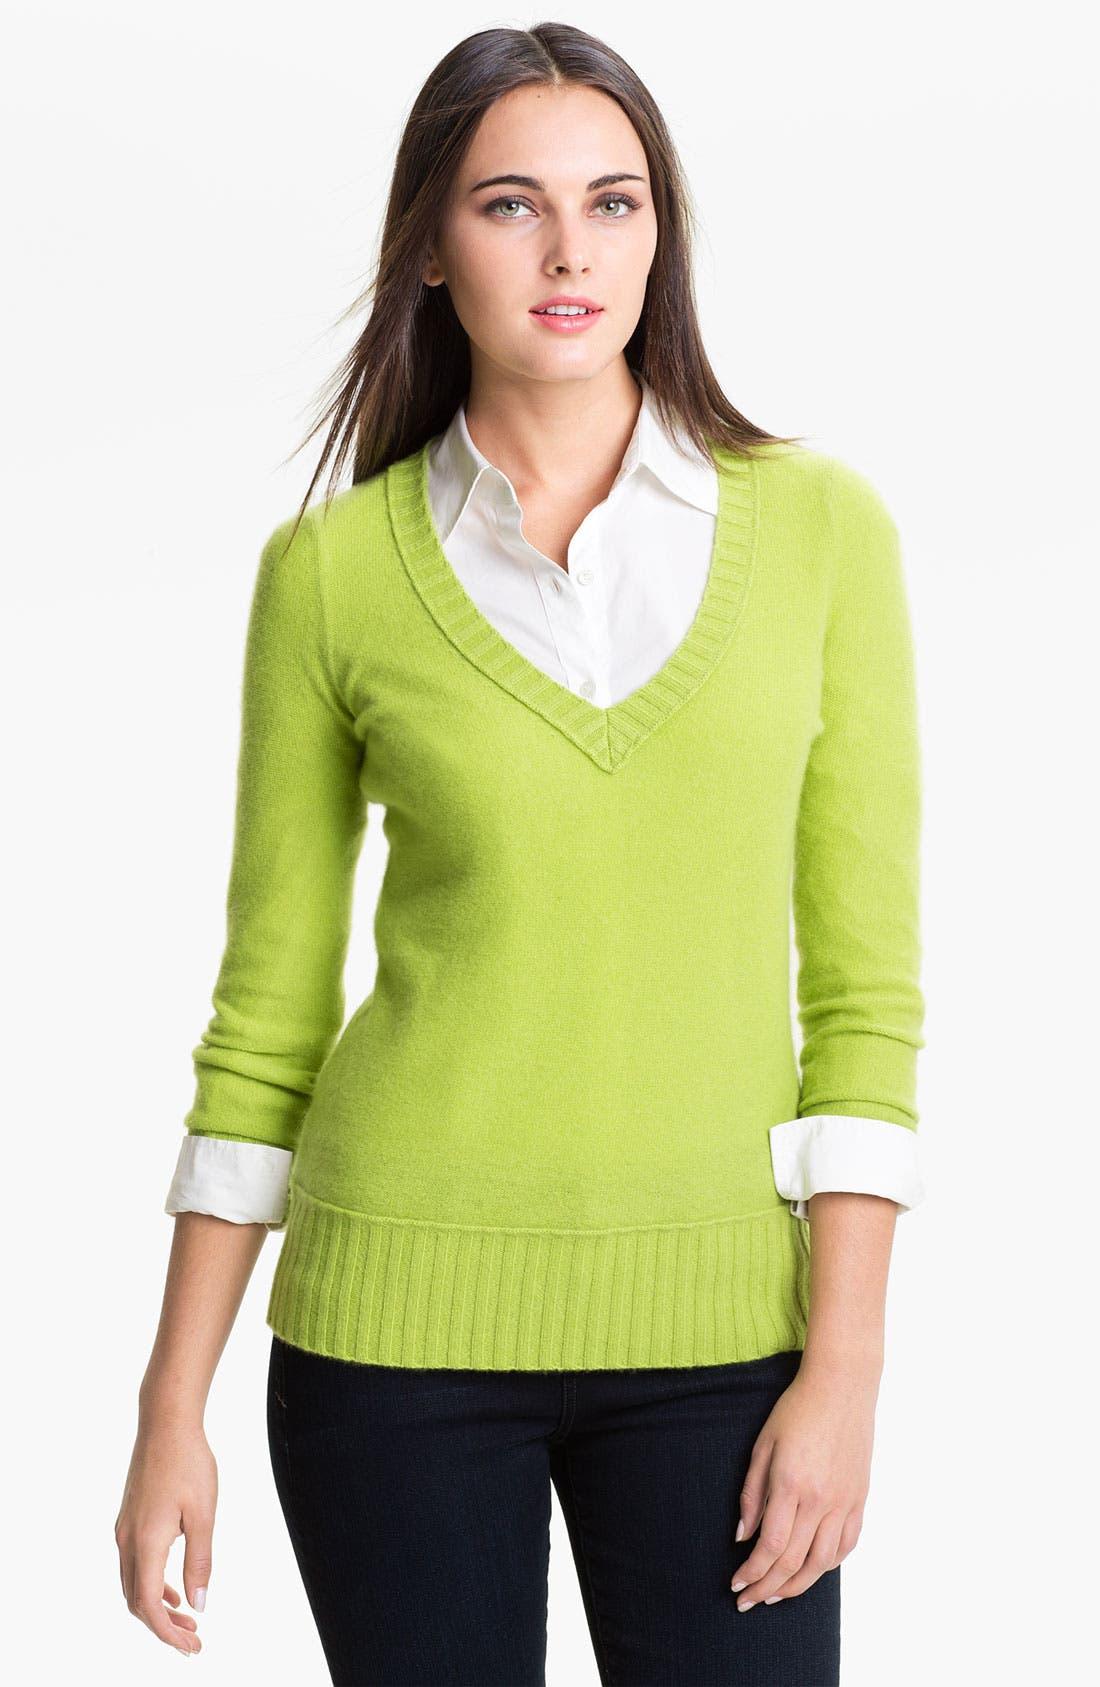 Alternate Image 1 Selected - Halogen® V-Neck Cashmere Sweater (Online Exclusive)